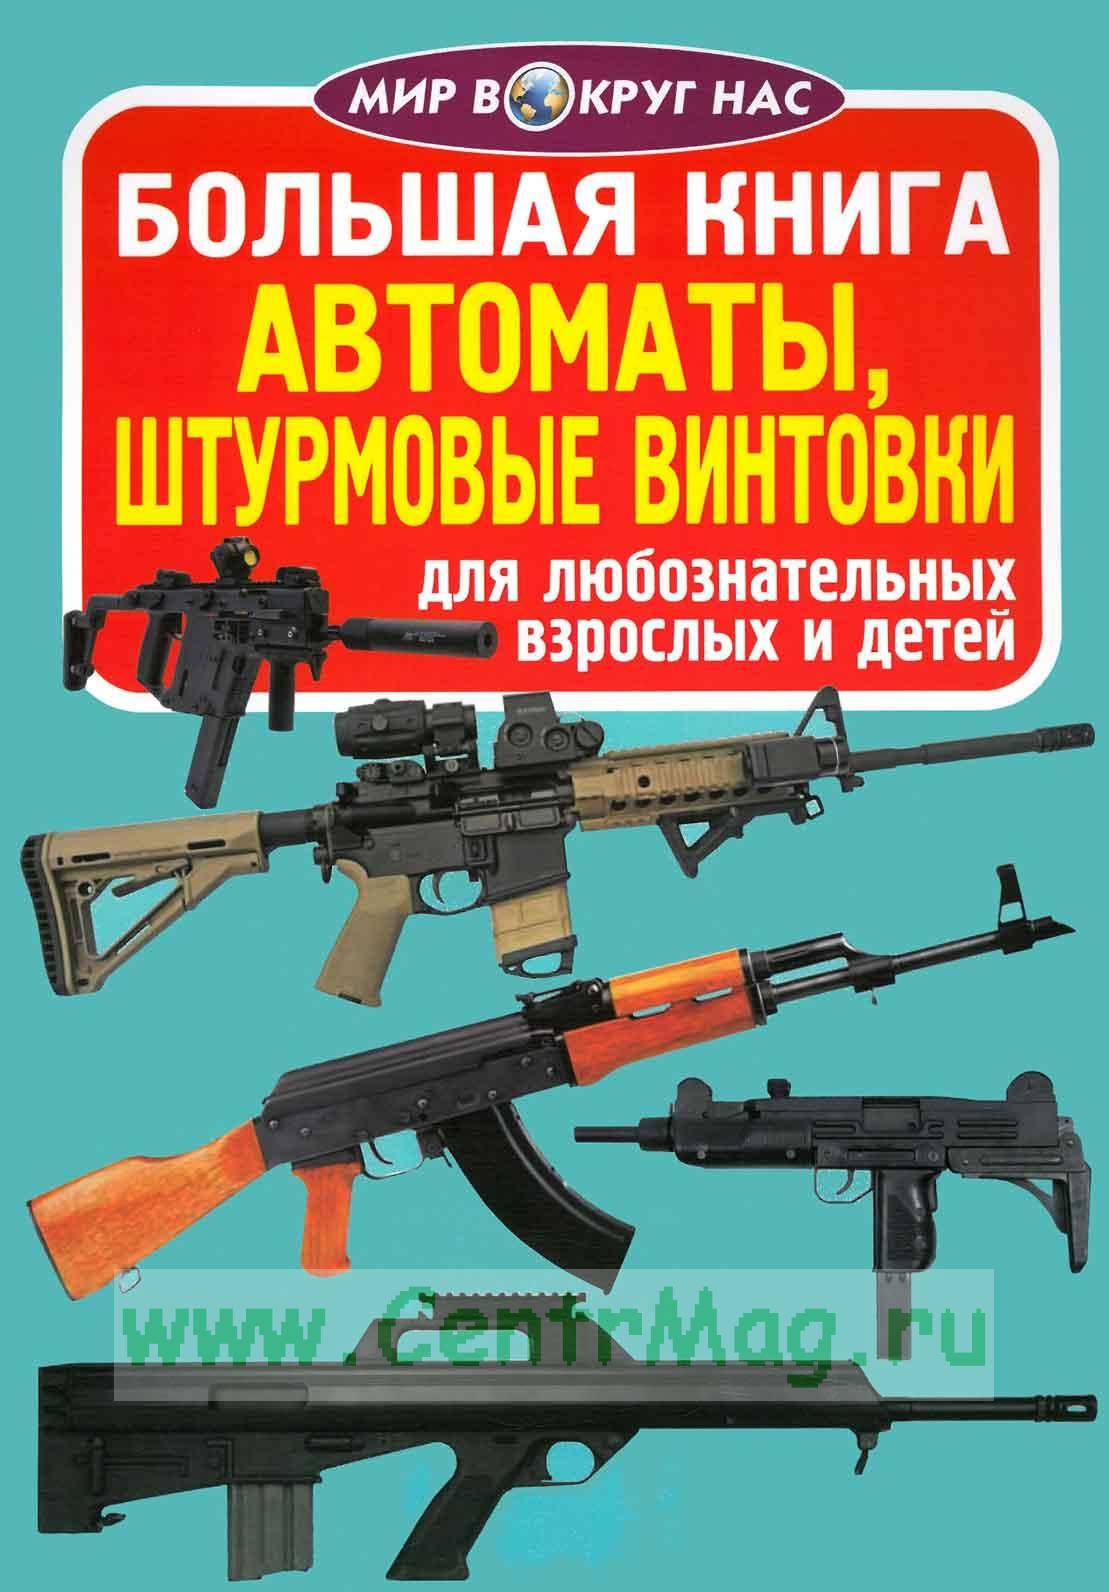 Большая книга. Автоматы, штурмовые винтовки (для любознательных взрослых и детей)